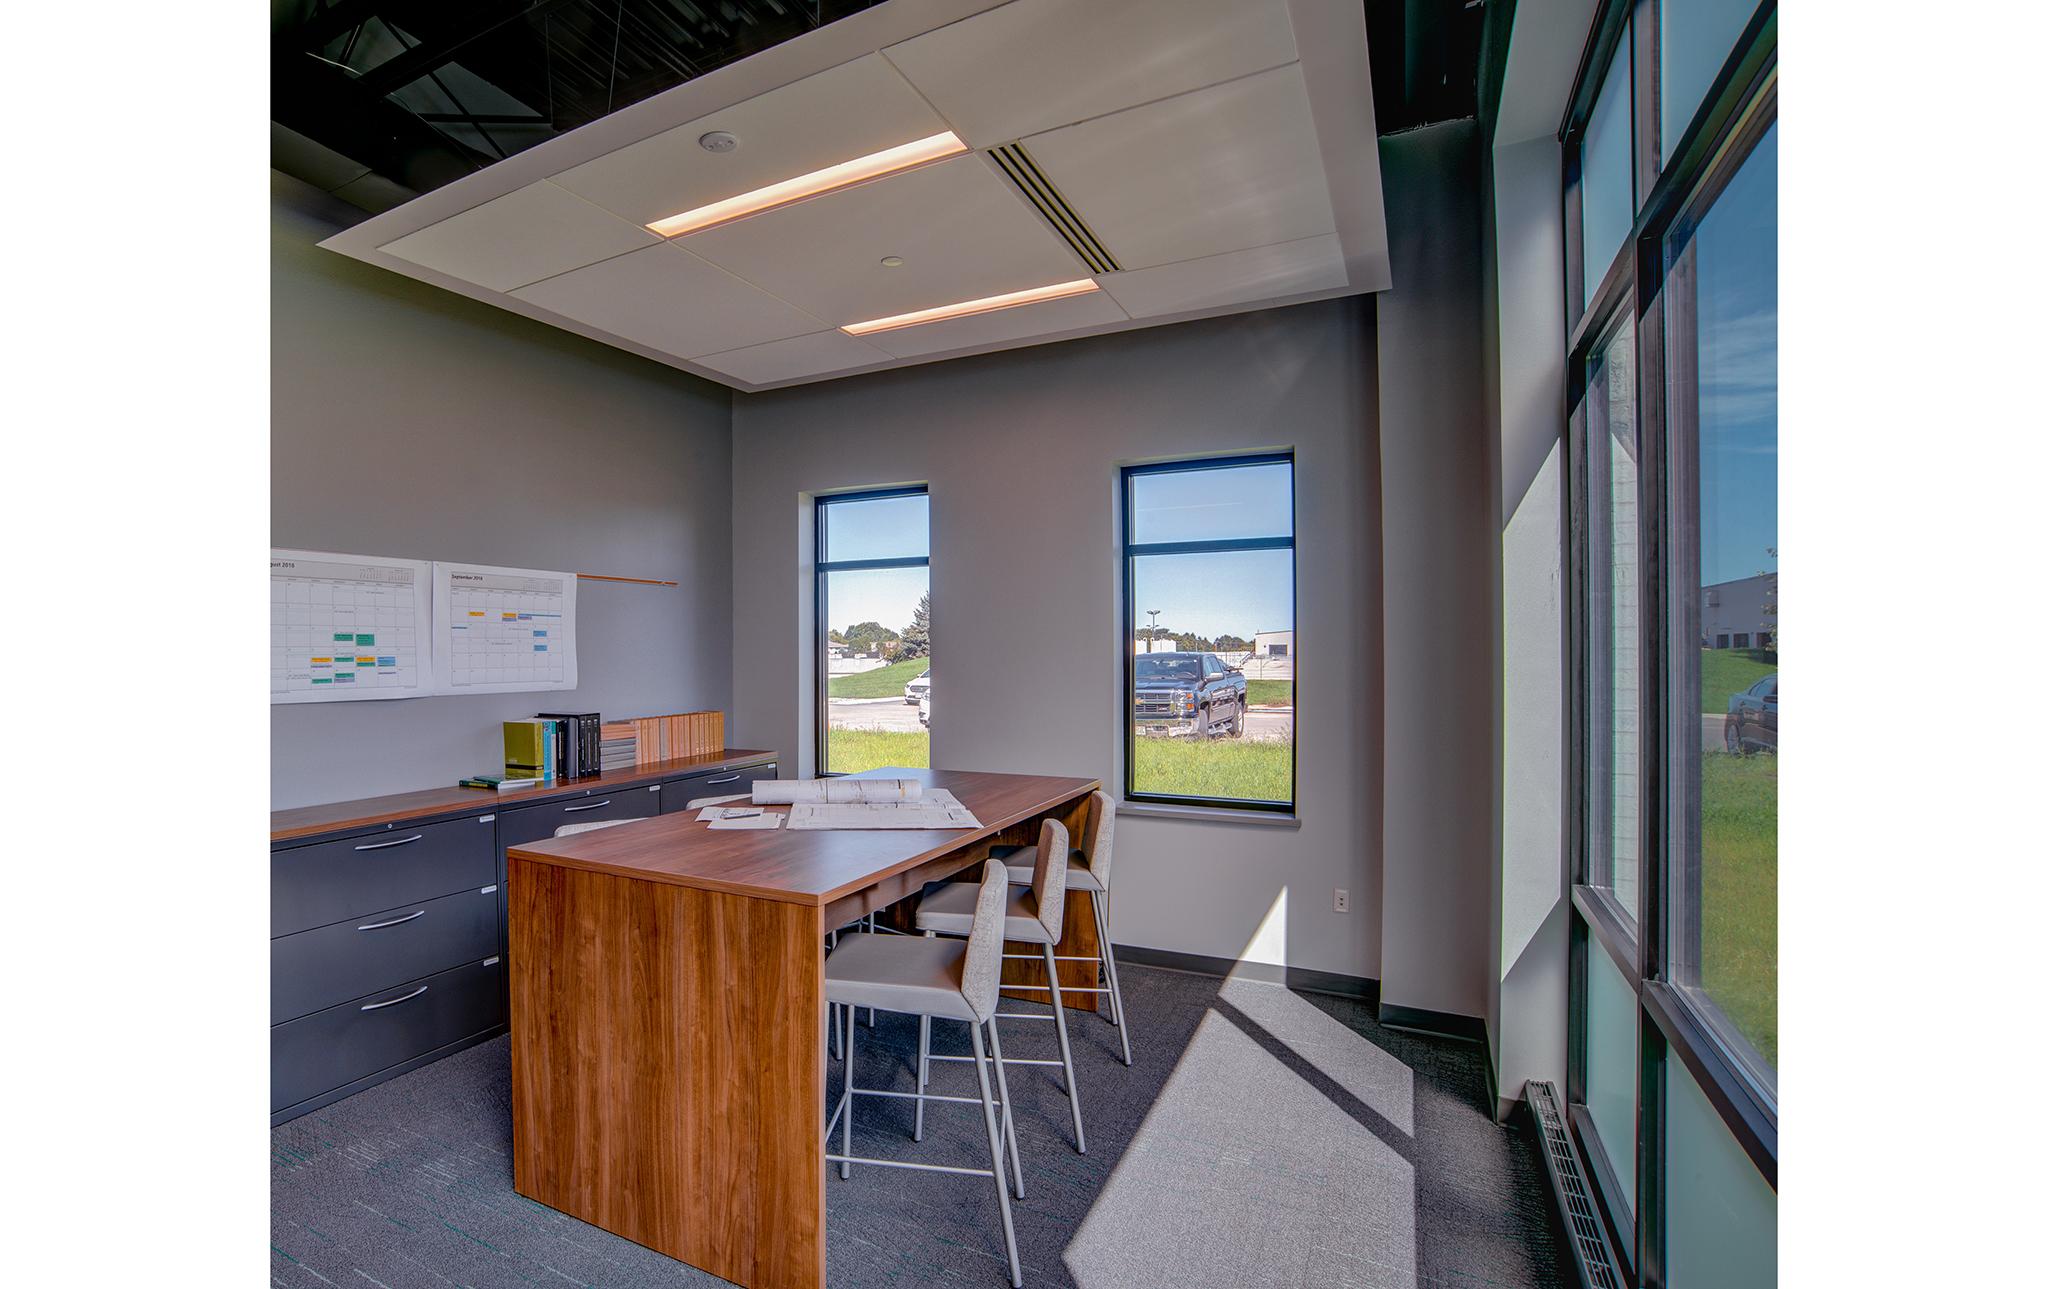 8_Payne & Dolan Office Renovation